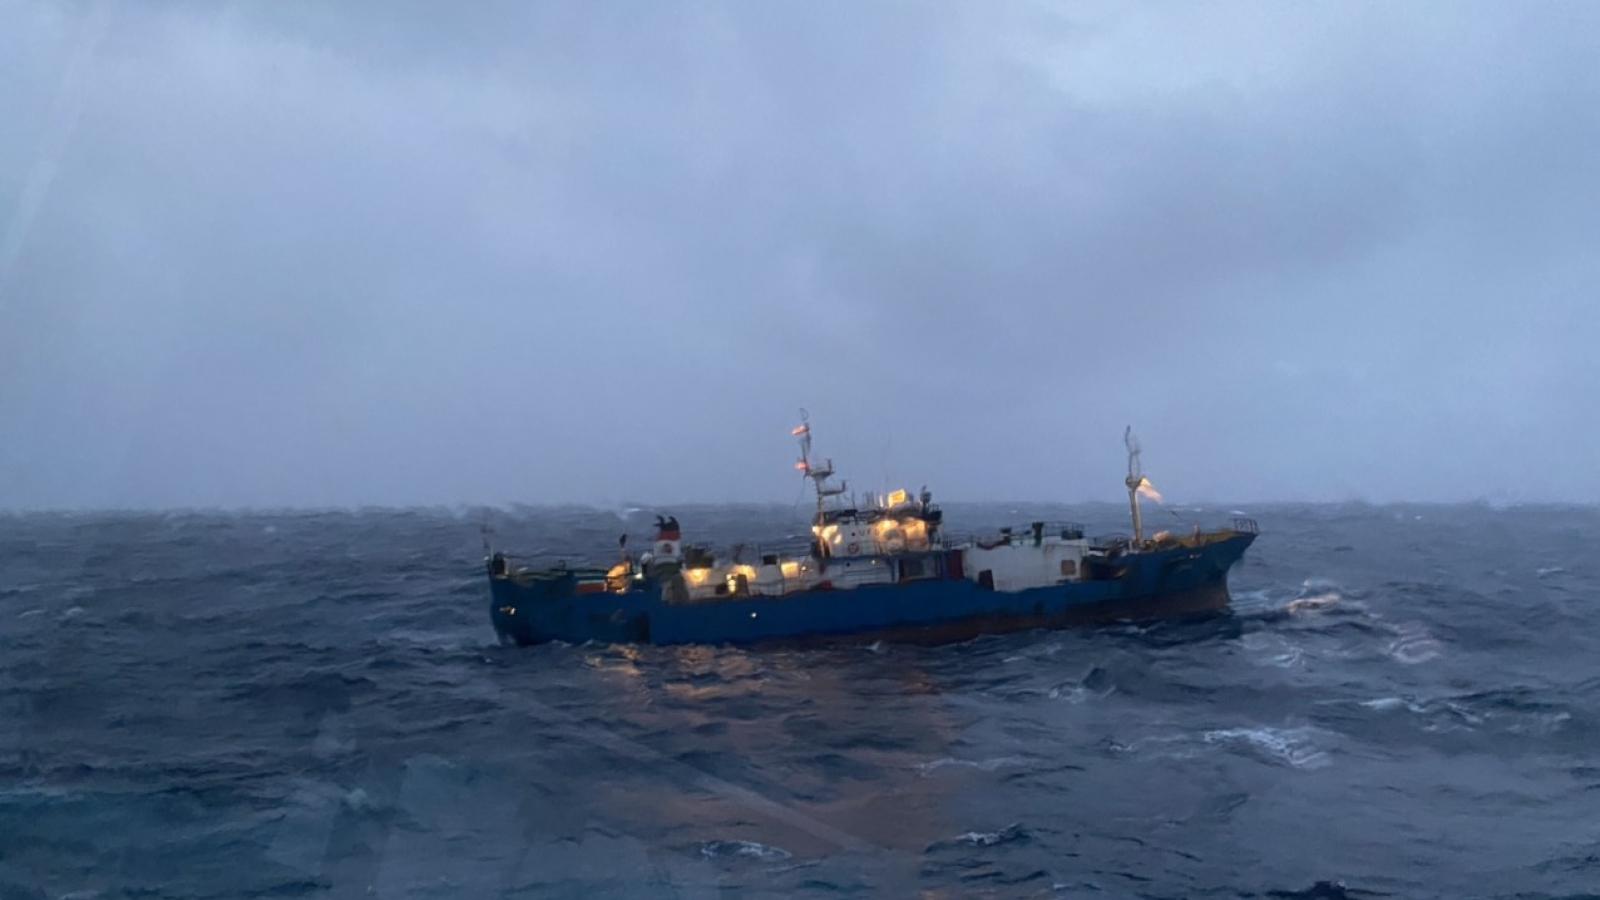 Lữ đoàn Tàu ngầm 189 Hải quân cứu hộ tàu quốc tịch Nga  gặp nạn trên biển.